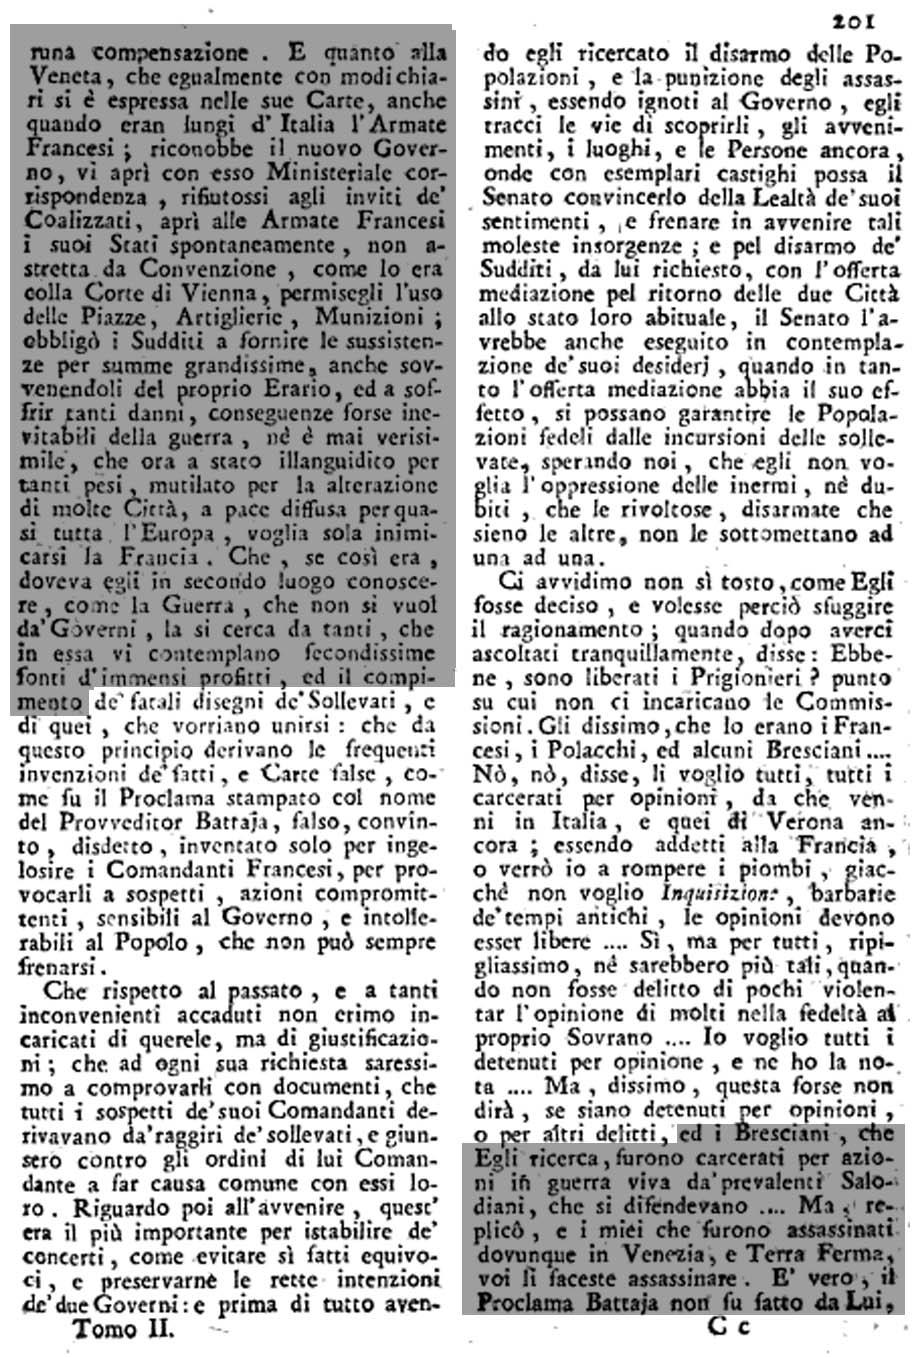 Storia di Venezia, pag. 303 della Raccolta